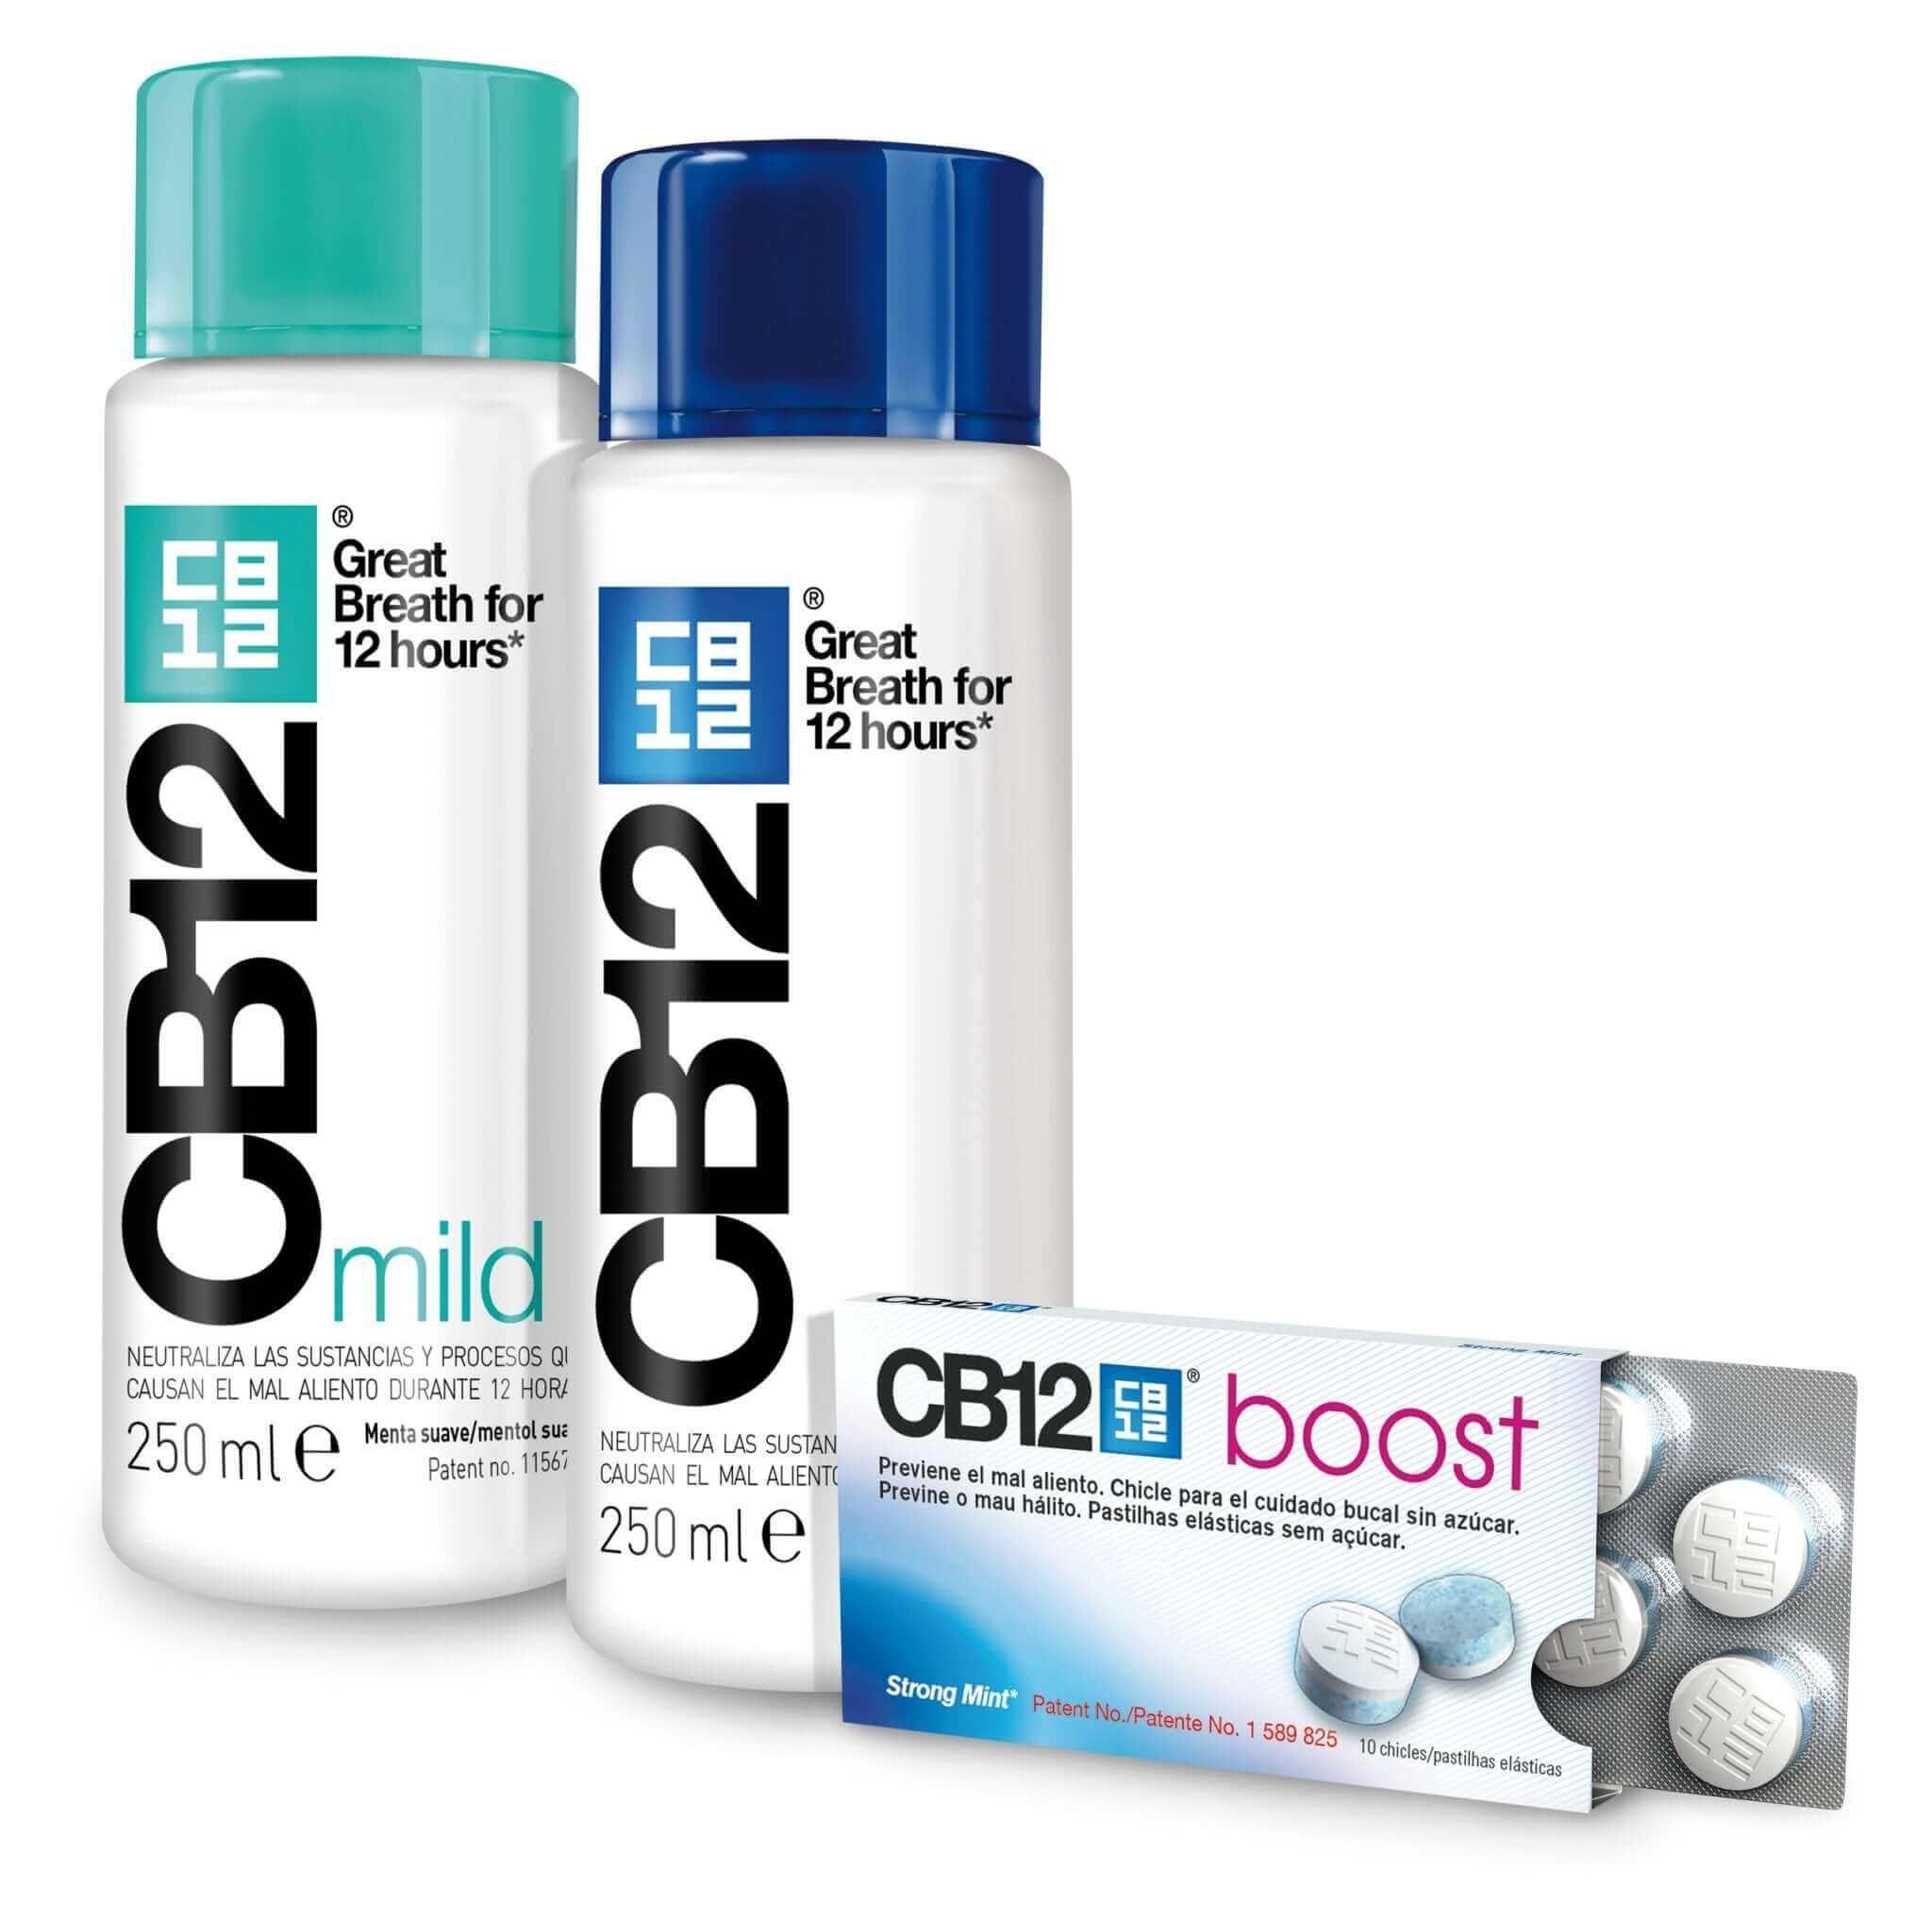 Produkty CB12